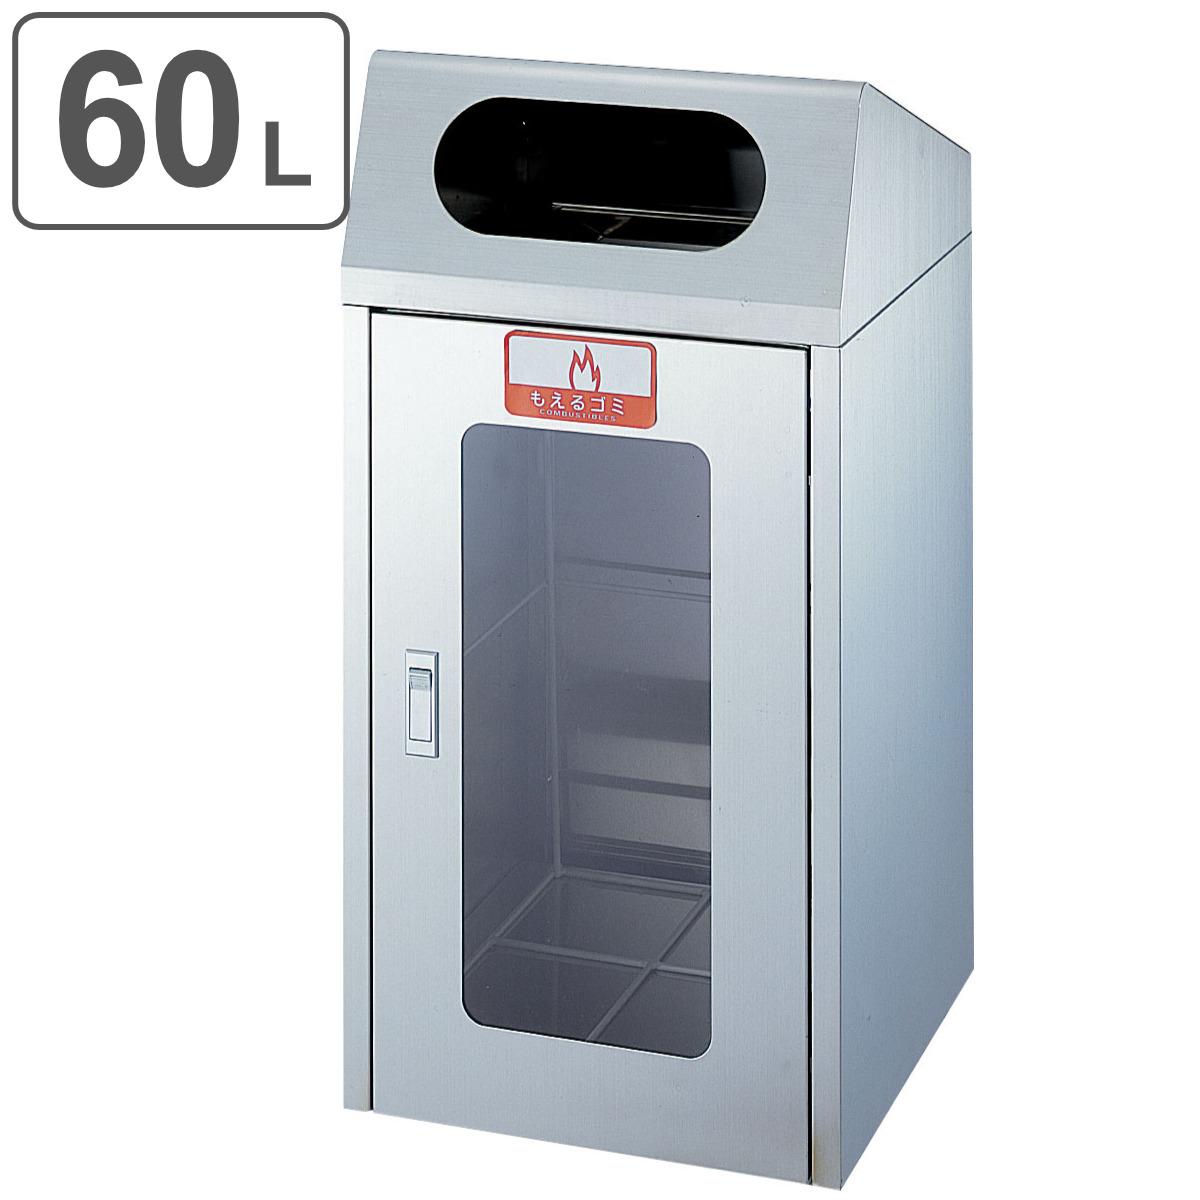 ゴミ箱 リサイクルボックス CS-1ST 1面窓付き 送料無料